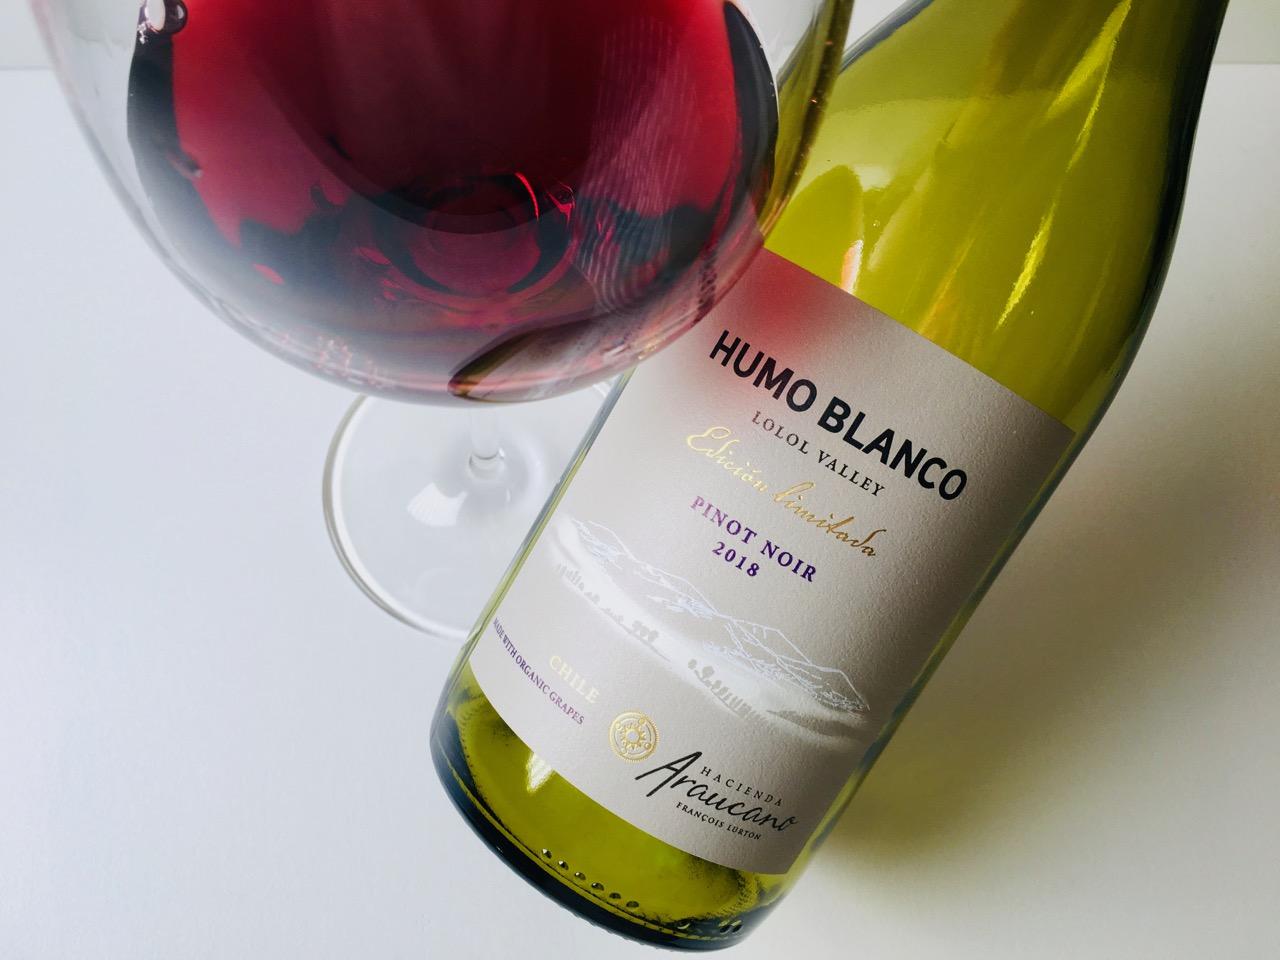 2018 Araucano Humo Blanco Pinot Noir Lolol Valley